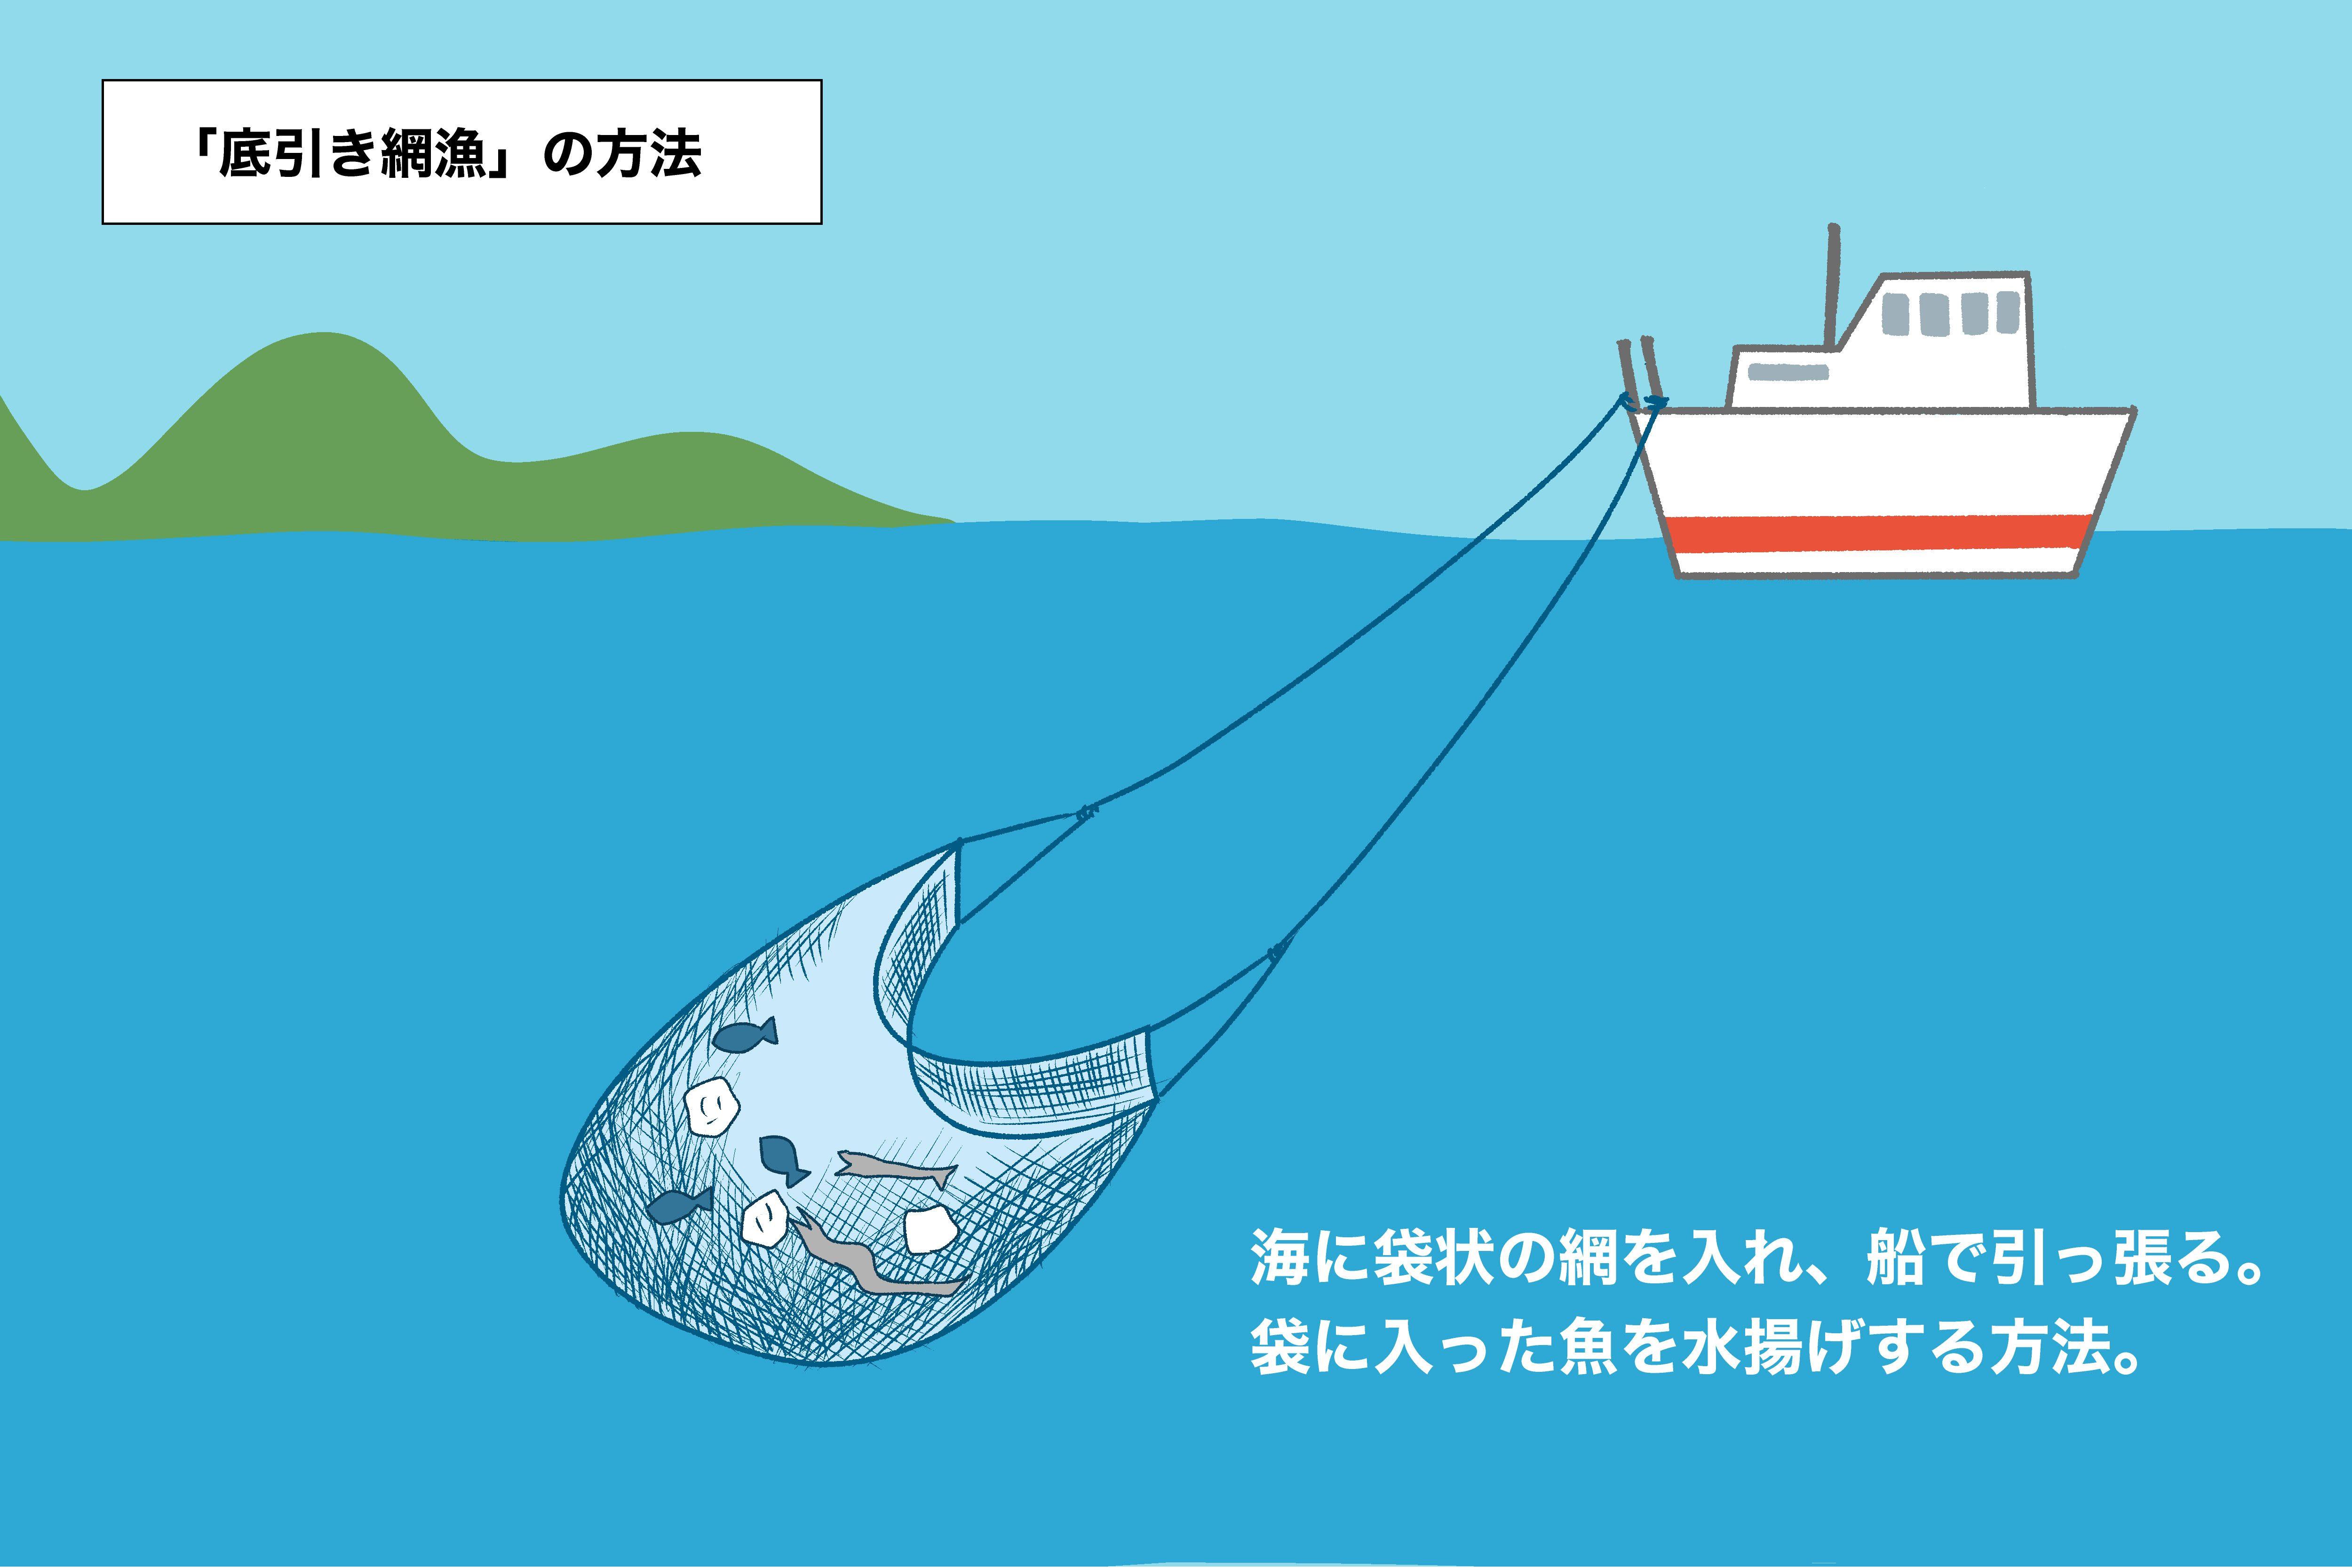 底引き網漁